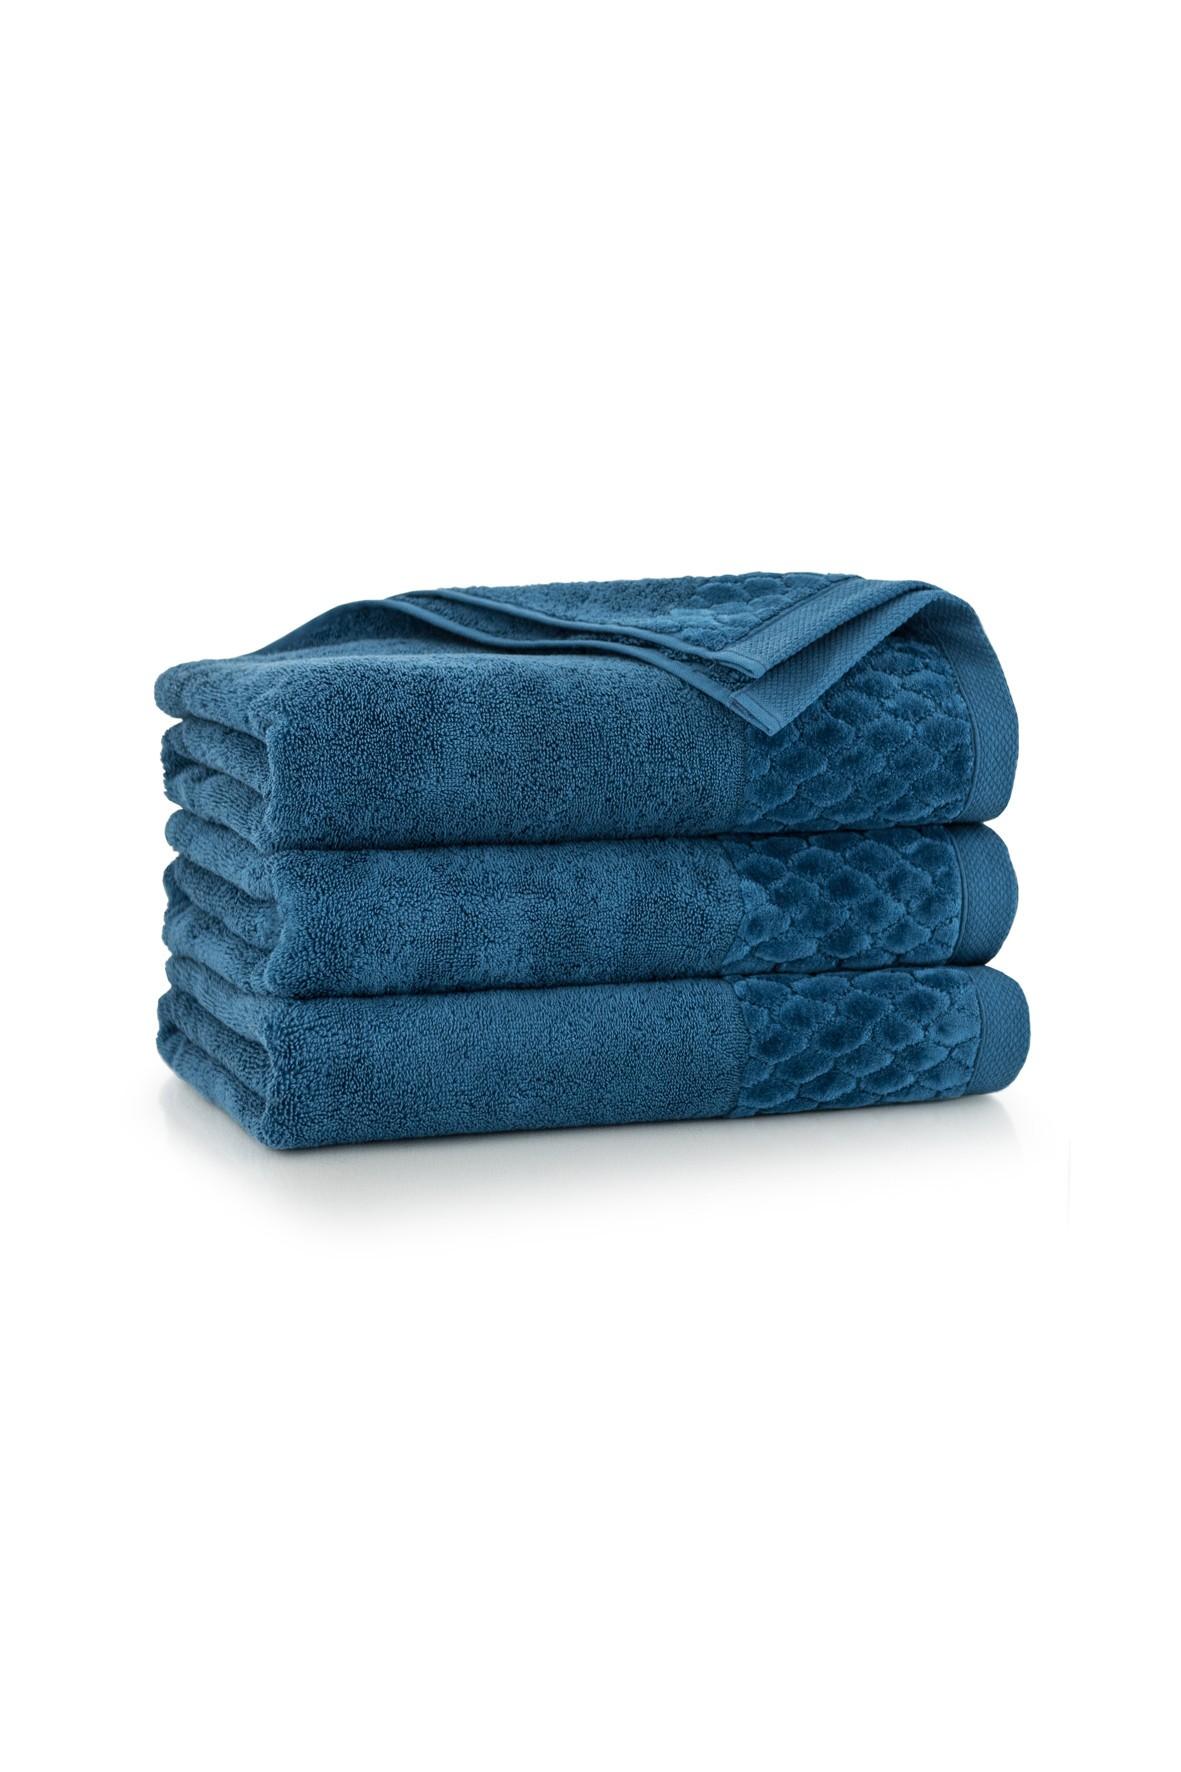 Ręcznik antybakteryjny Carlo z bawełny egipskiej tanzanit - 70x140 cm